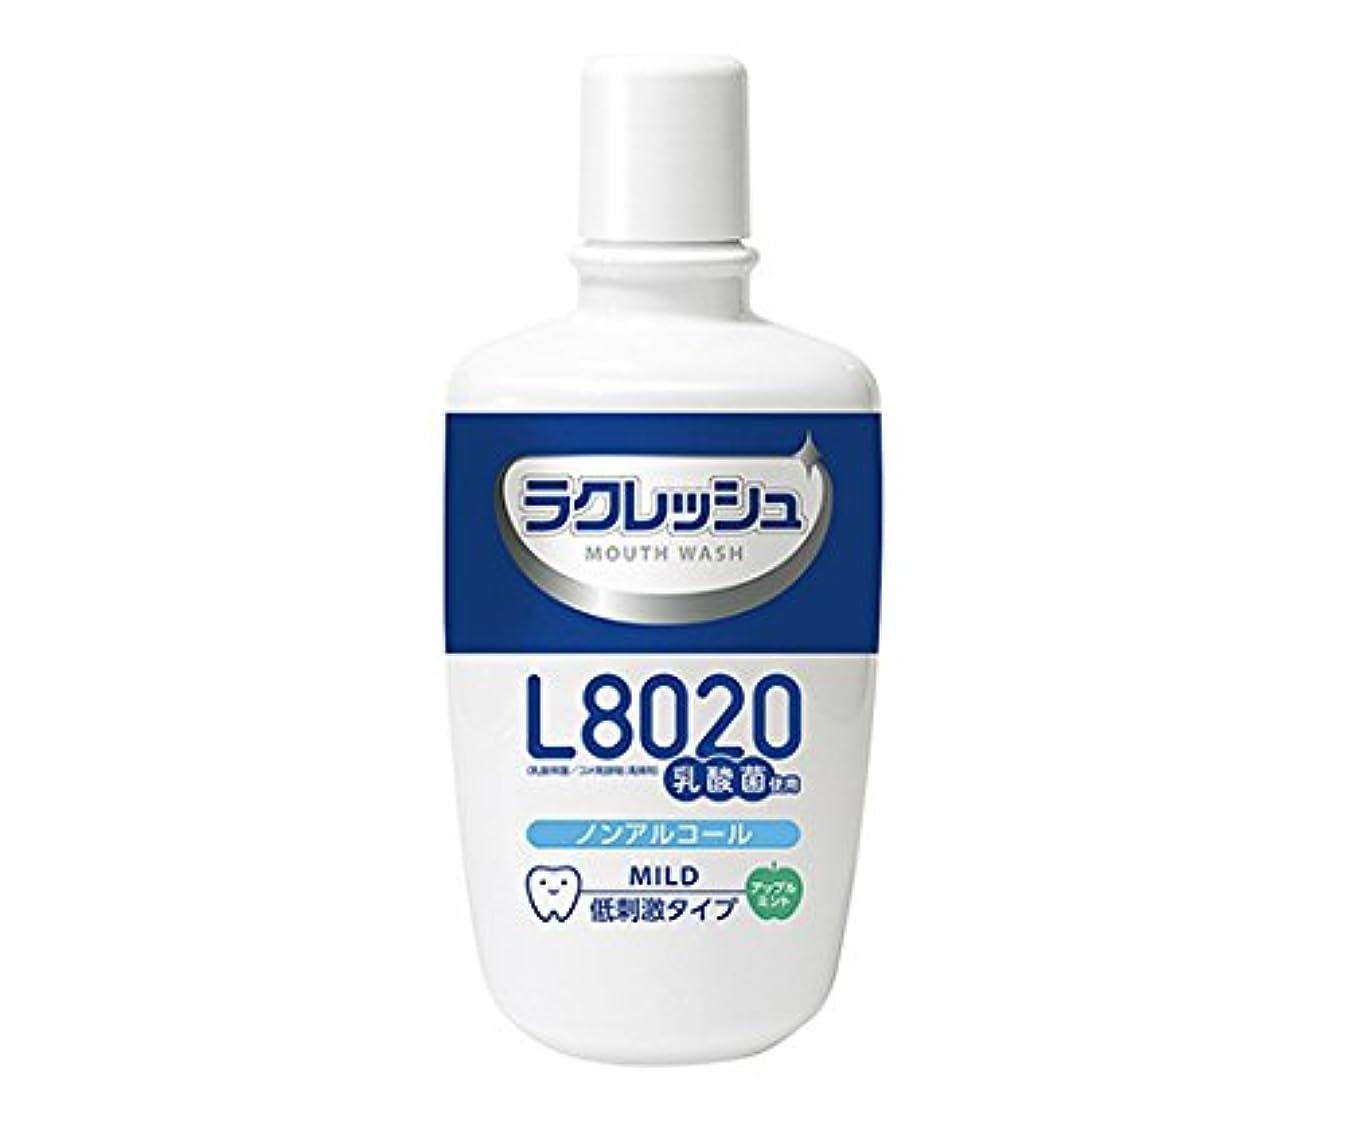 レンジ賢いコテージジェクス7-1415-01ラクレッシュマウスウォッシュ300mL